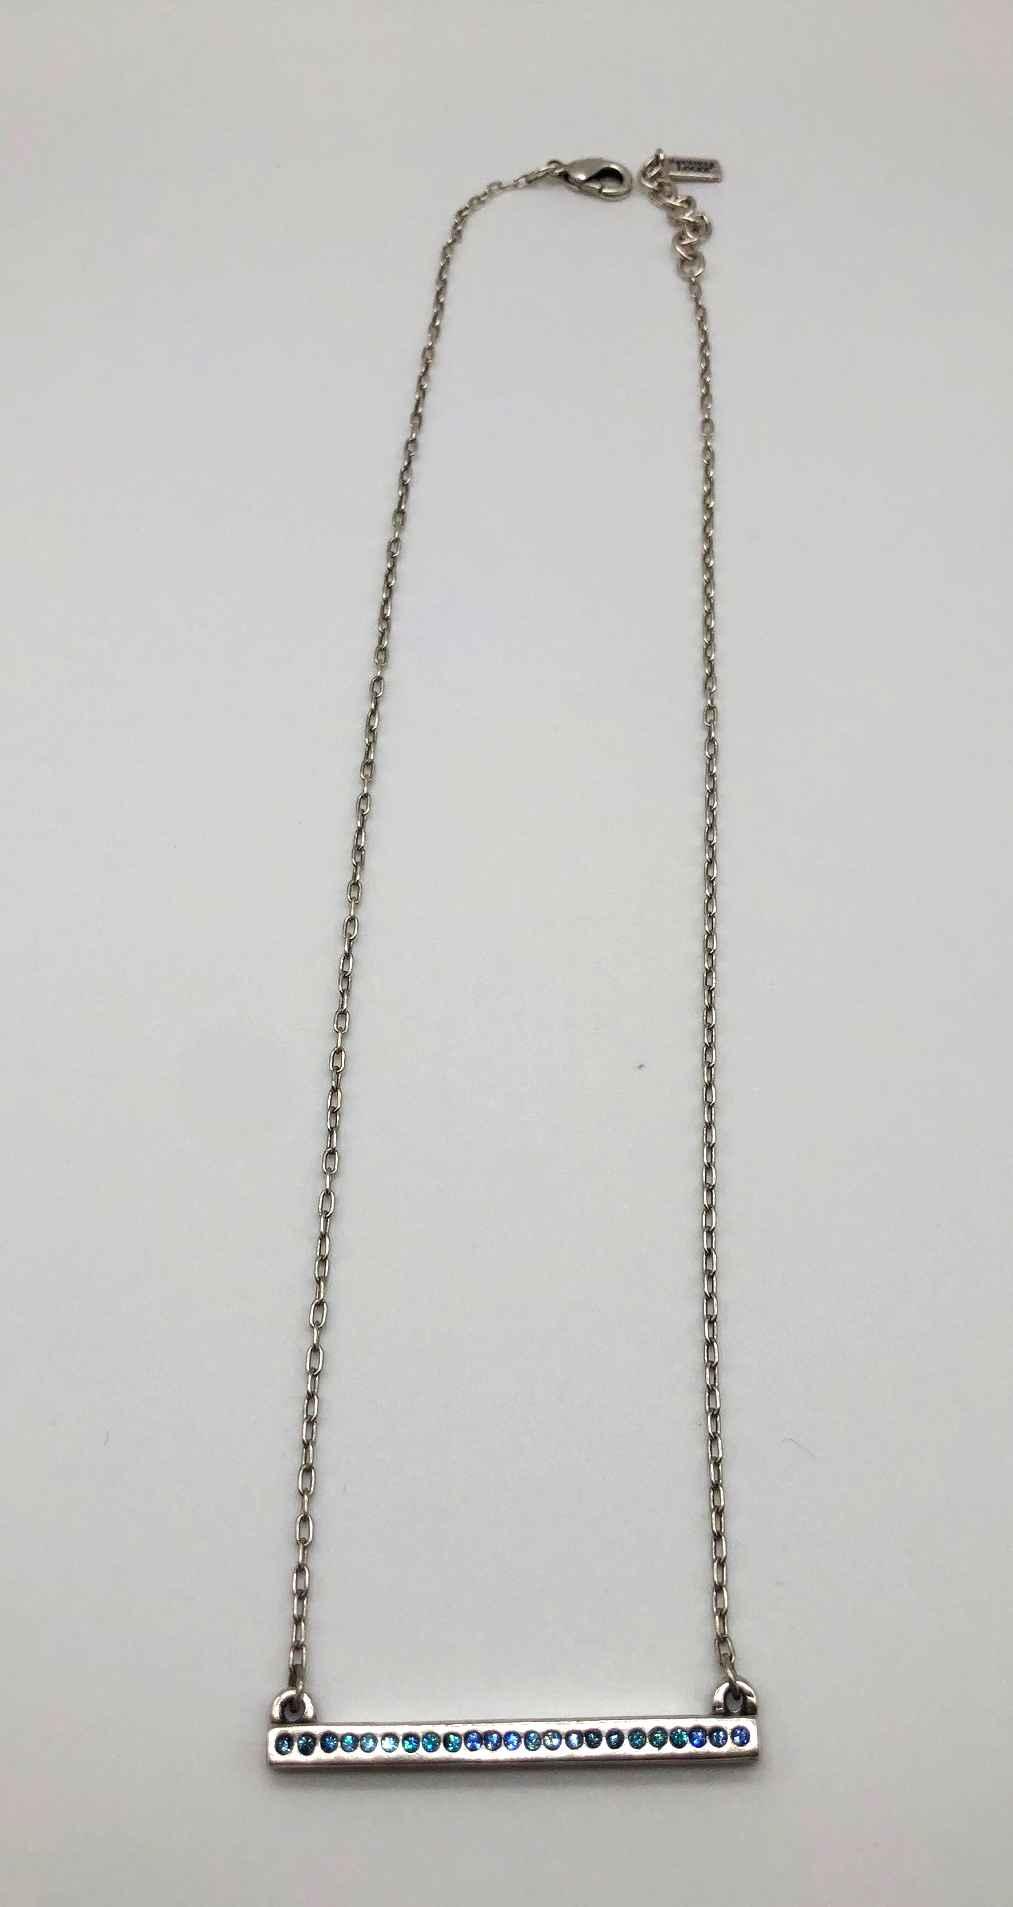 Axis Necklace In Silver, Bermuda